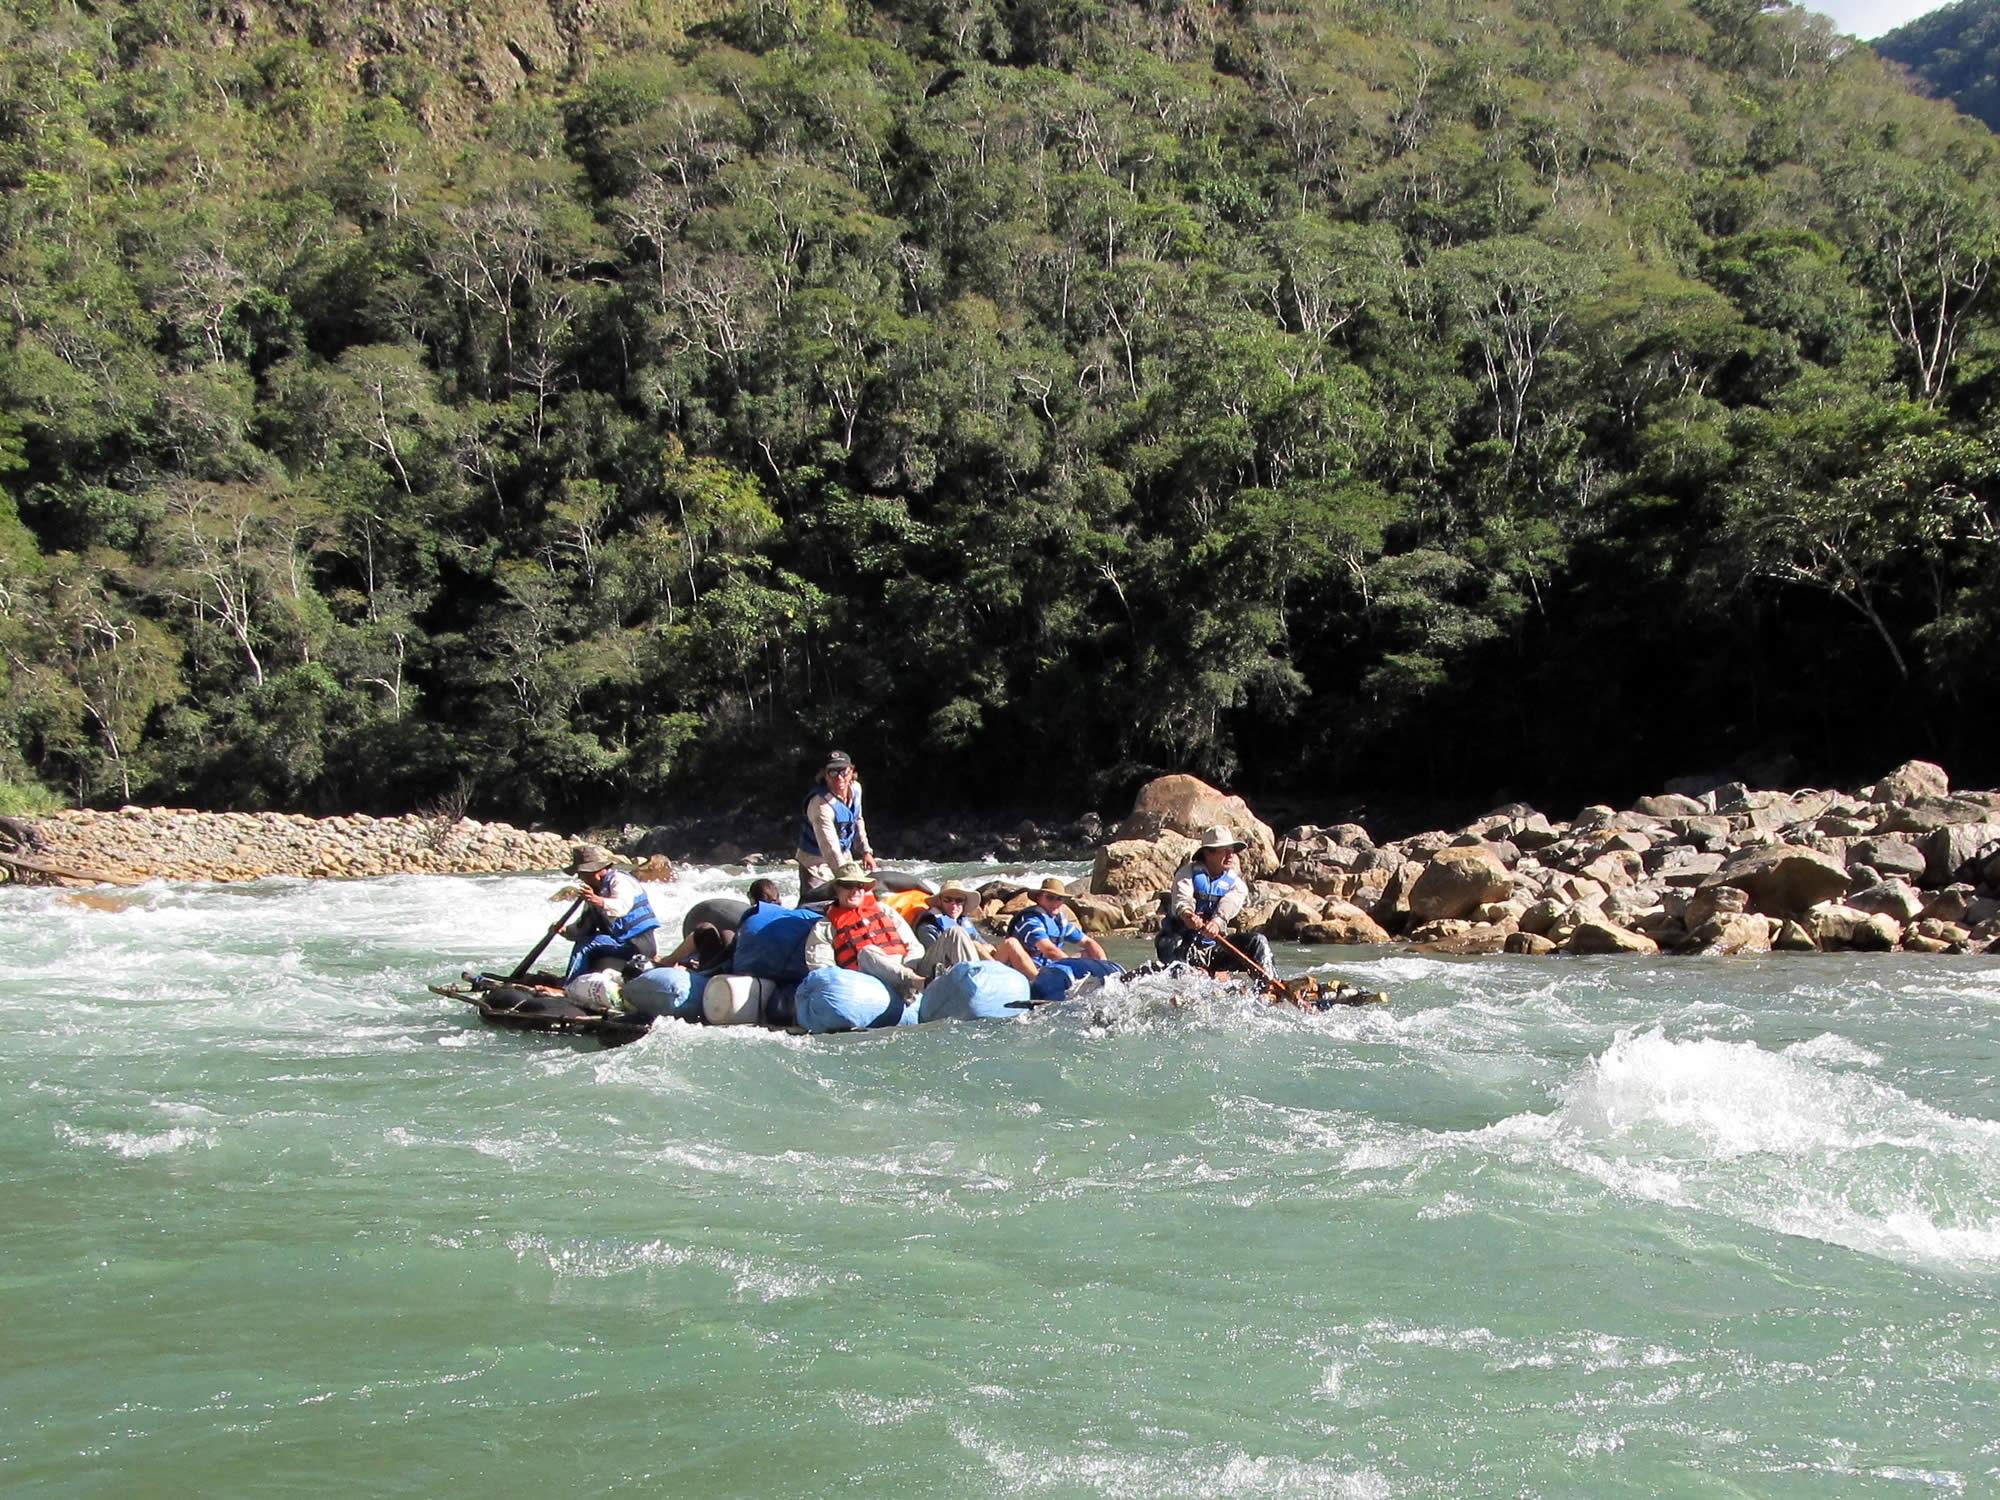 Guía de turismo aventura para Bolivia